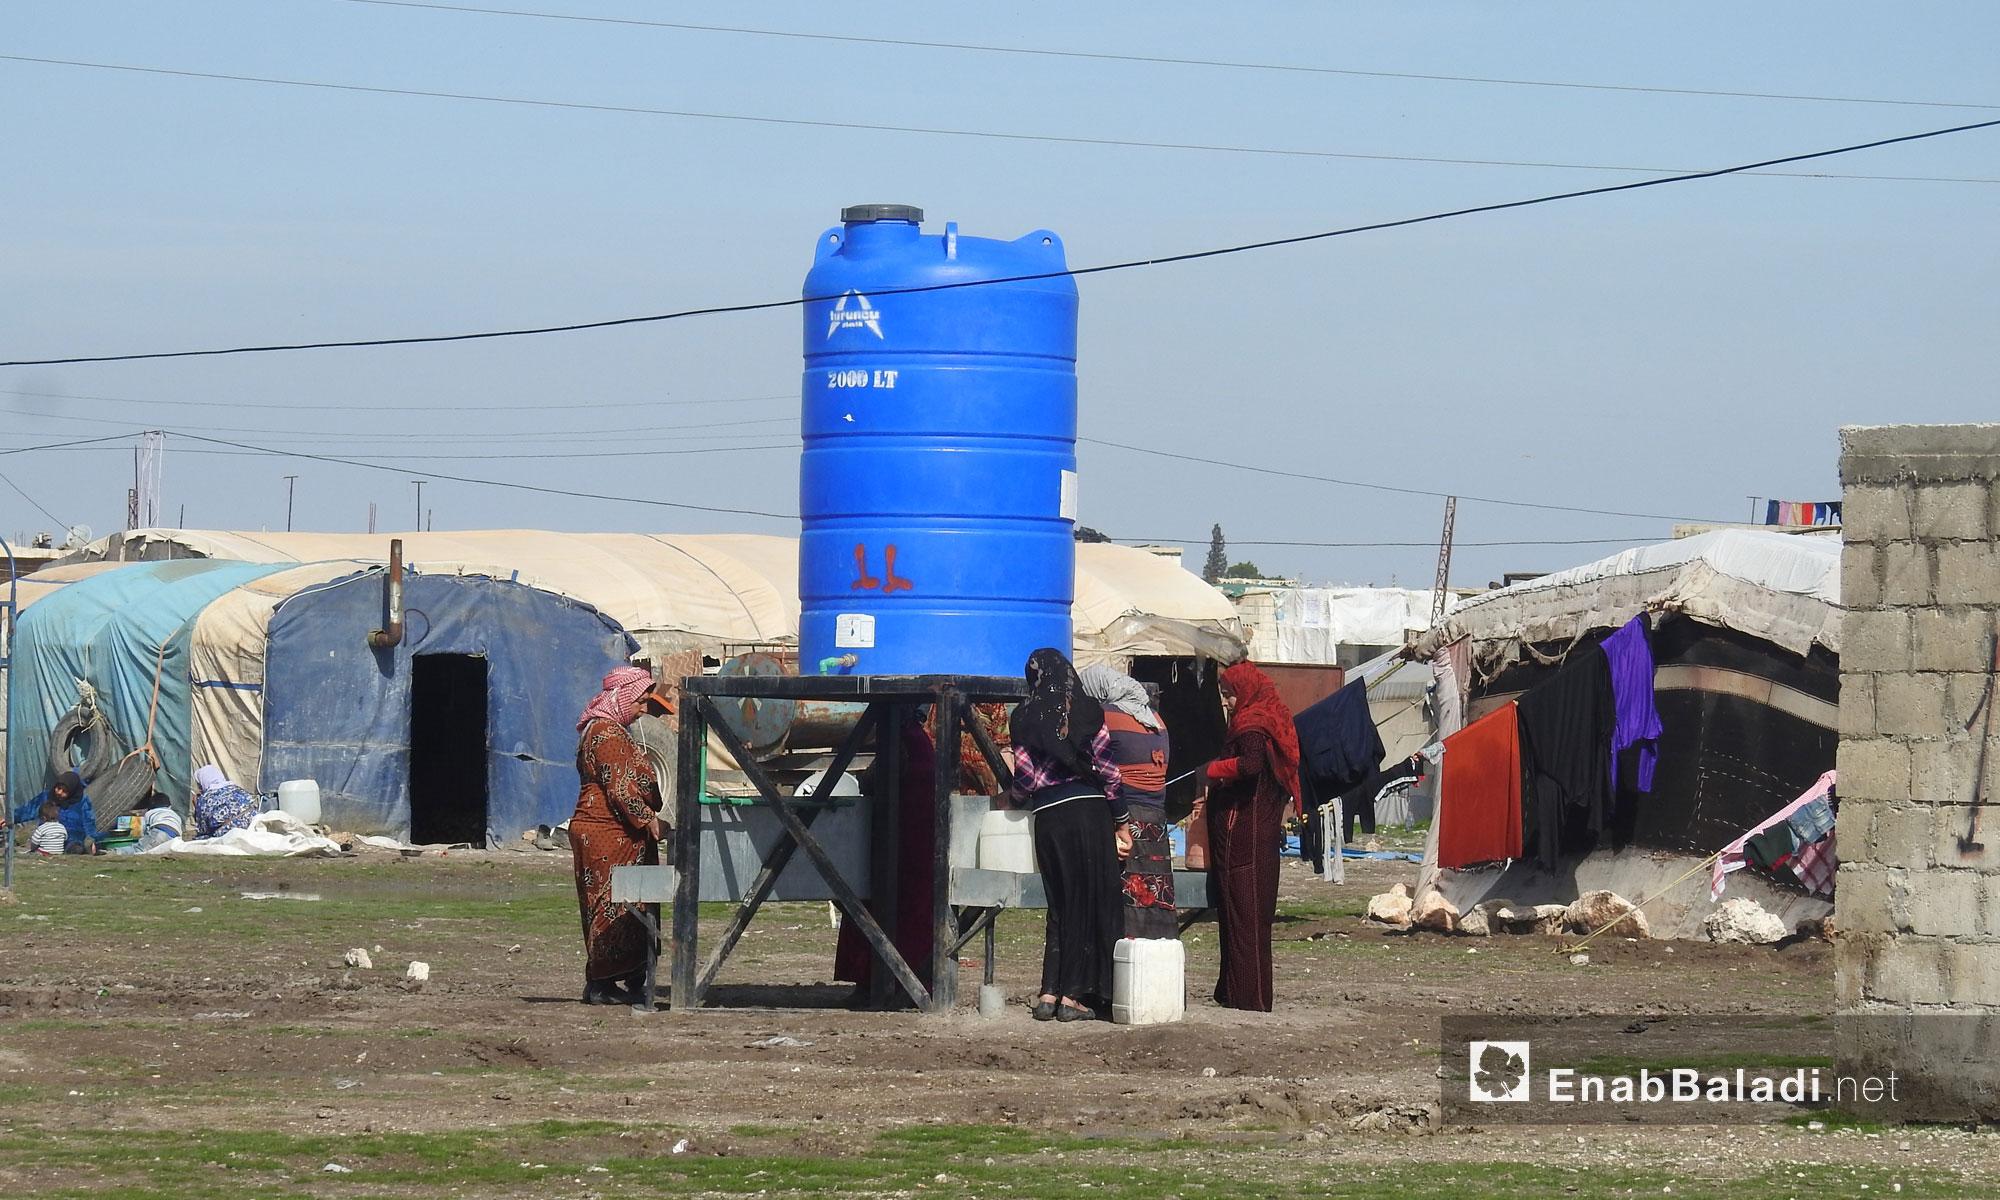 نساء يجتمعن حول خزان مياه في مخيم المرج بريف حلب الشمالي - 19 شباط 2018 (عنب بلدي)